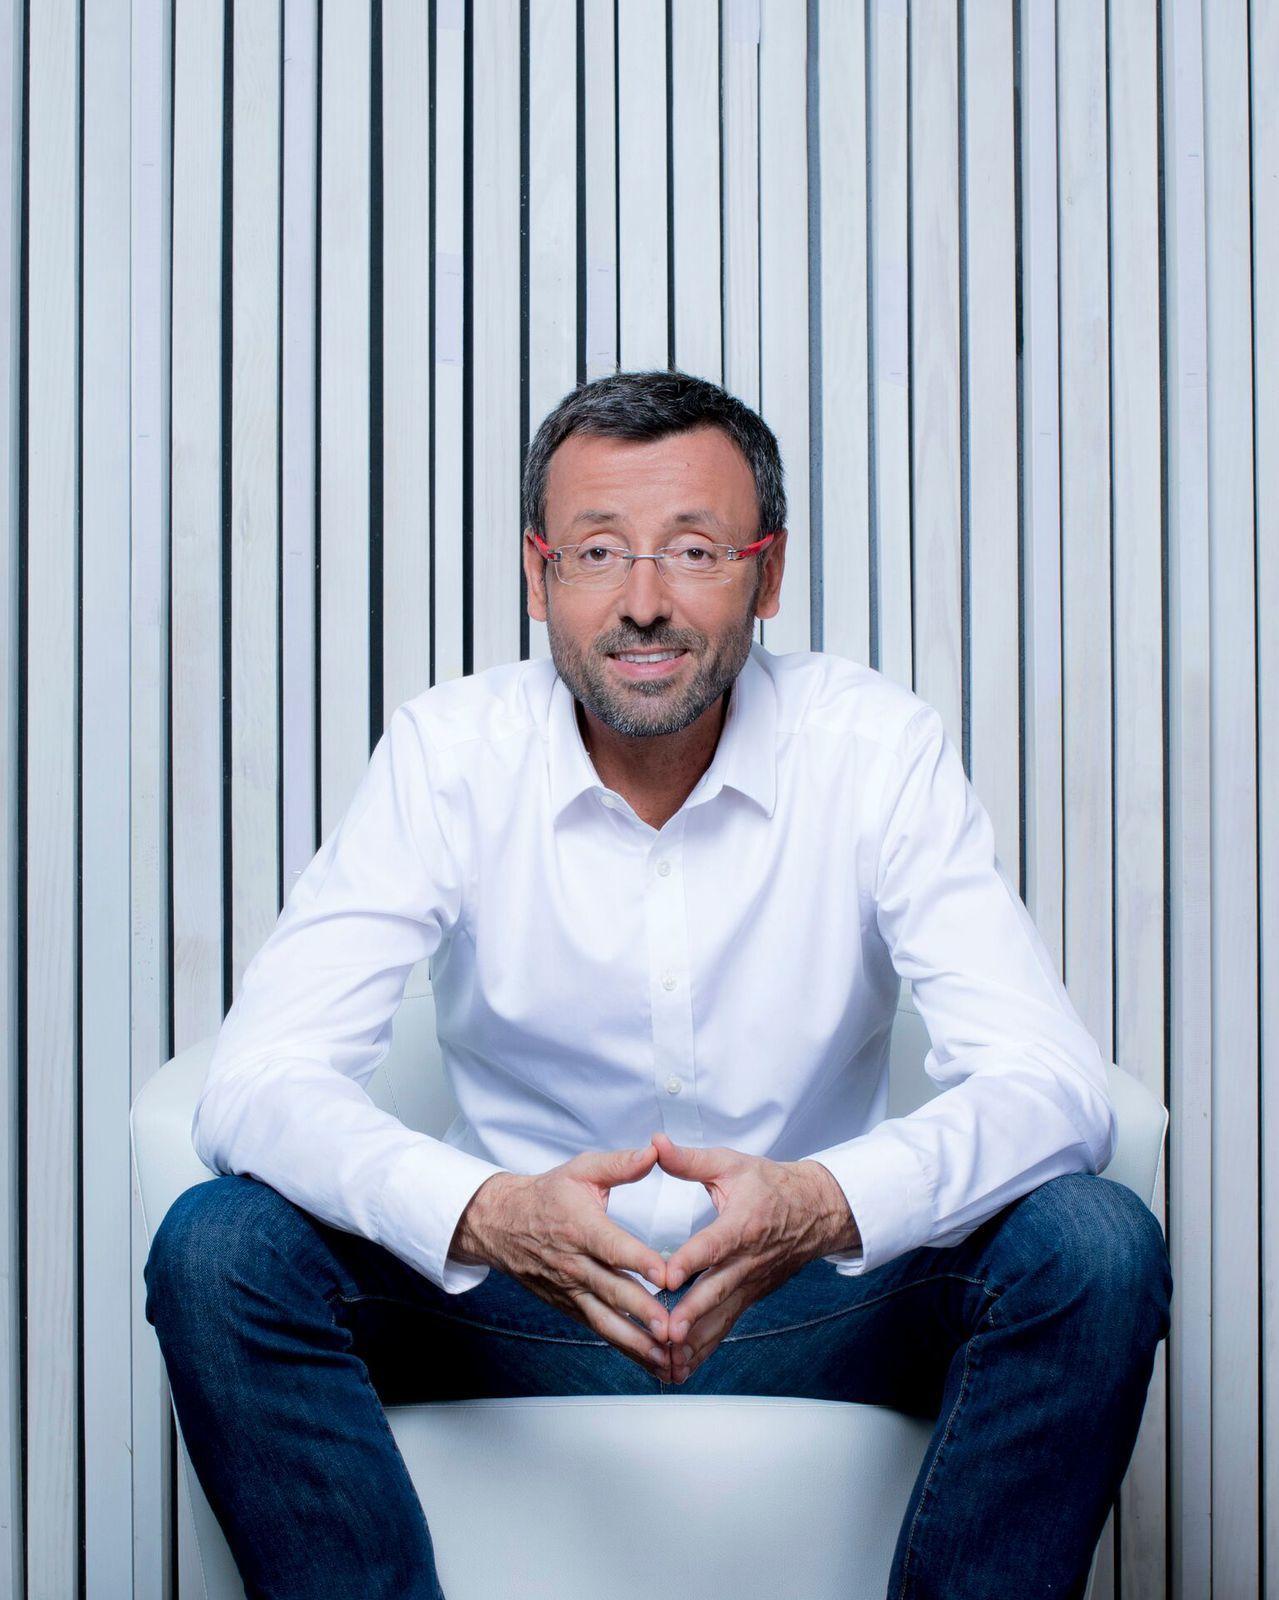 Ce lundi, la chaîne L'Équipe célèbre la 2000ème de L'Équipe du soir avec Nicolas Sarkozy.